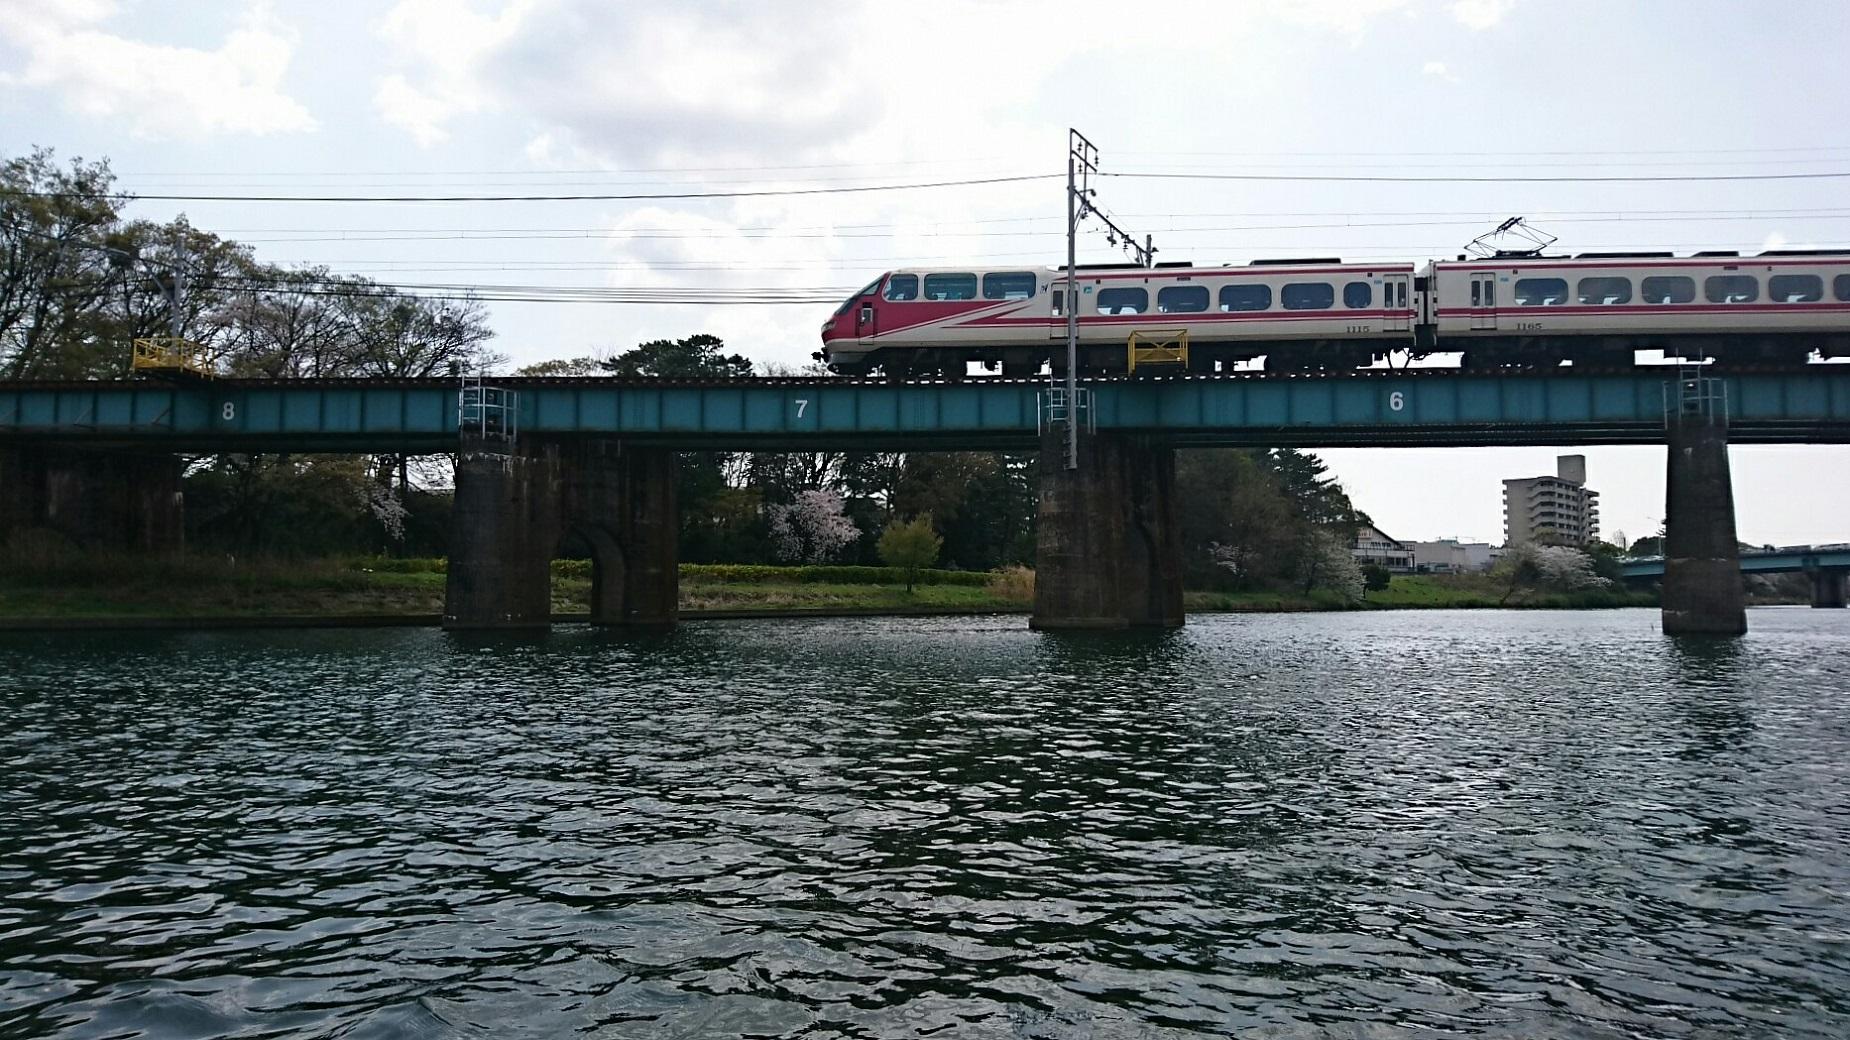 2018.3.31 岡崎ふなあそび (55) 転回 - 名古屋本線鉄橋 1850-1040